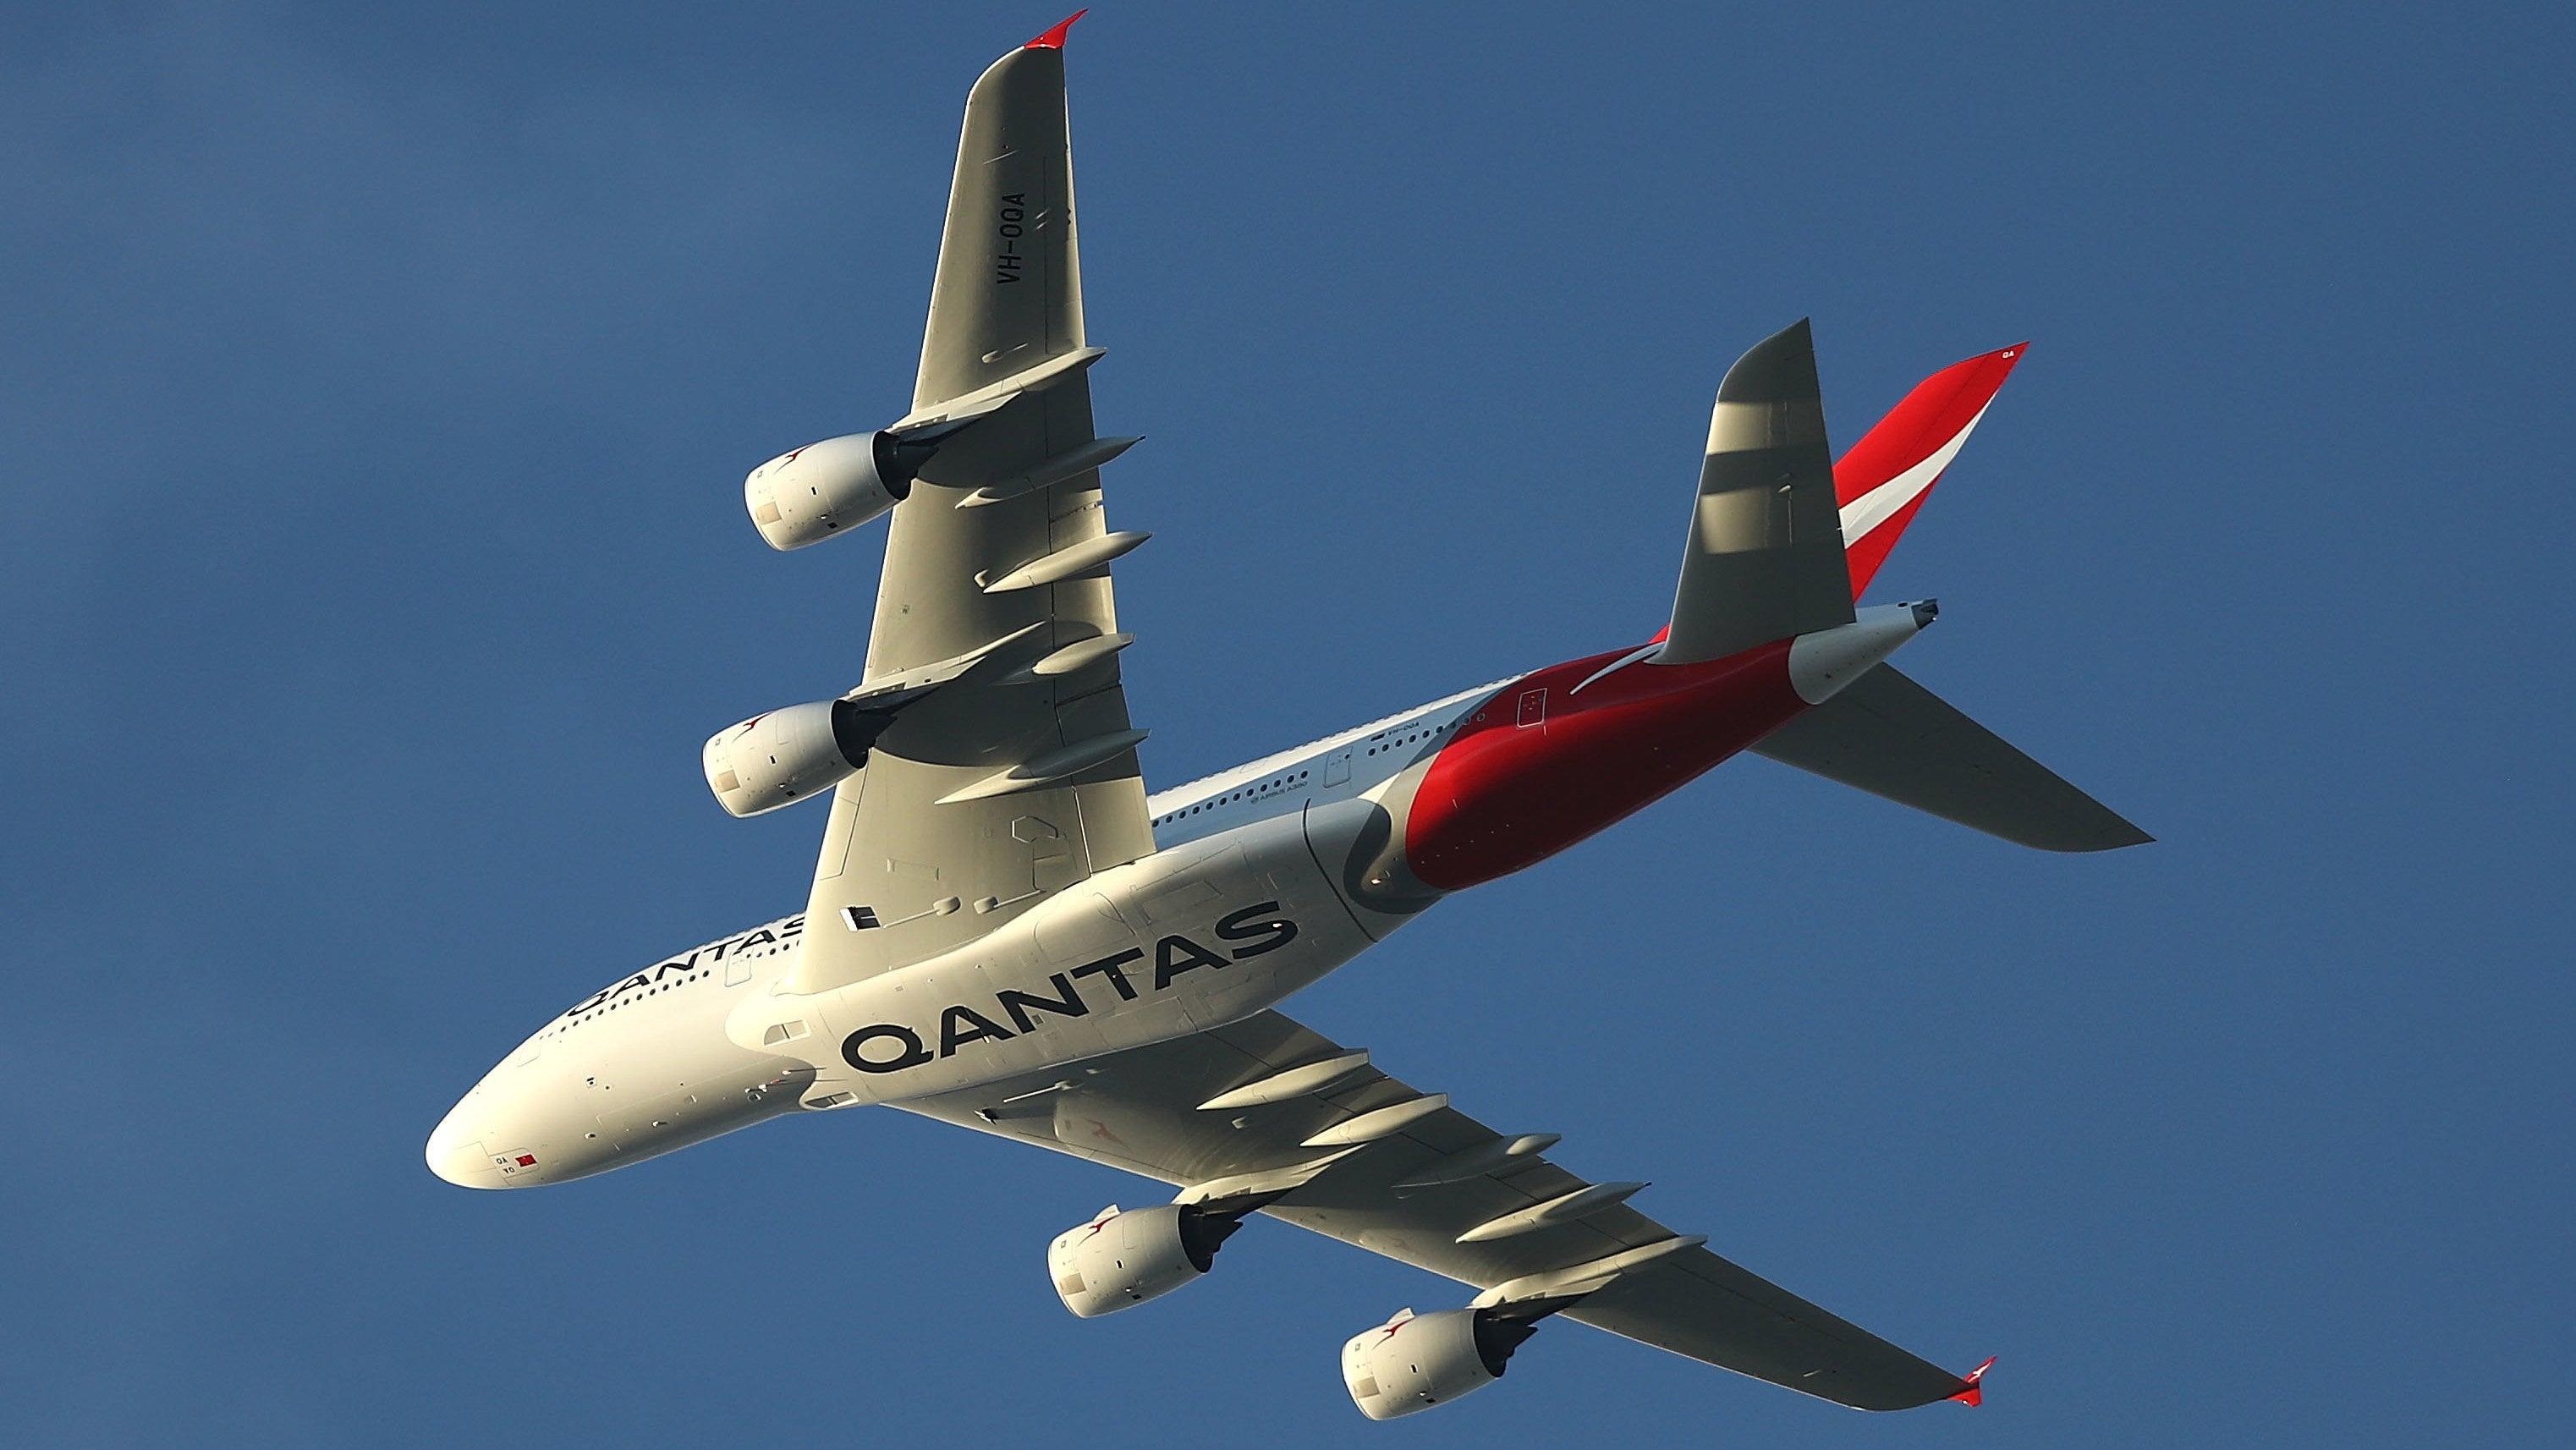 jalopnik long-flights misery pain planelopnik qantas